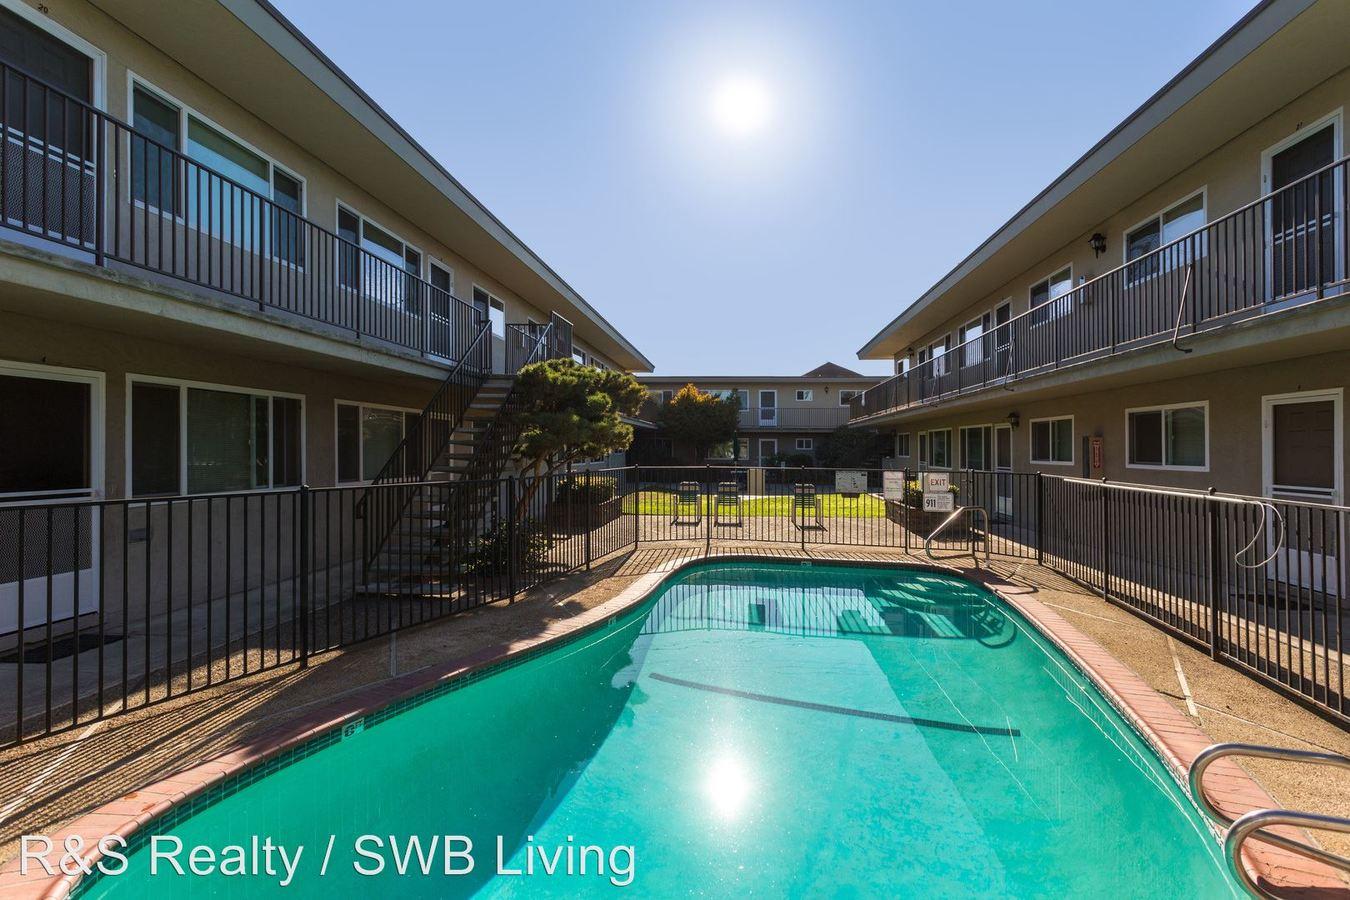 2 Bedrooms 1 Bathroom Apartment for rent at 1201 Liberty Street in El Cerrito, CA